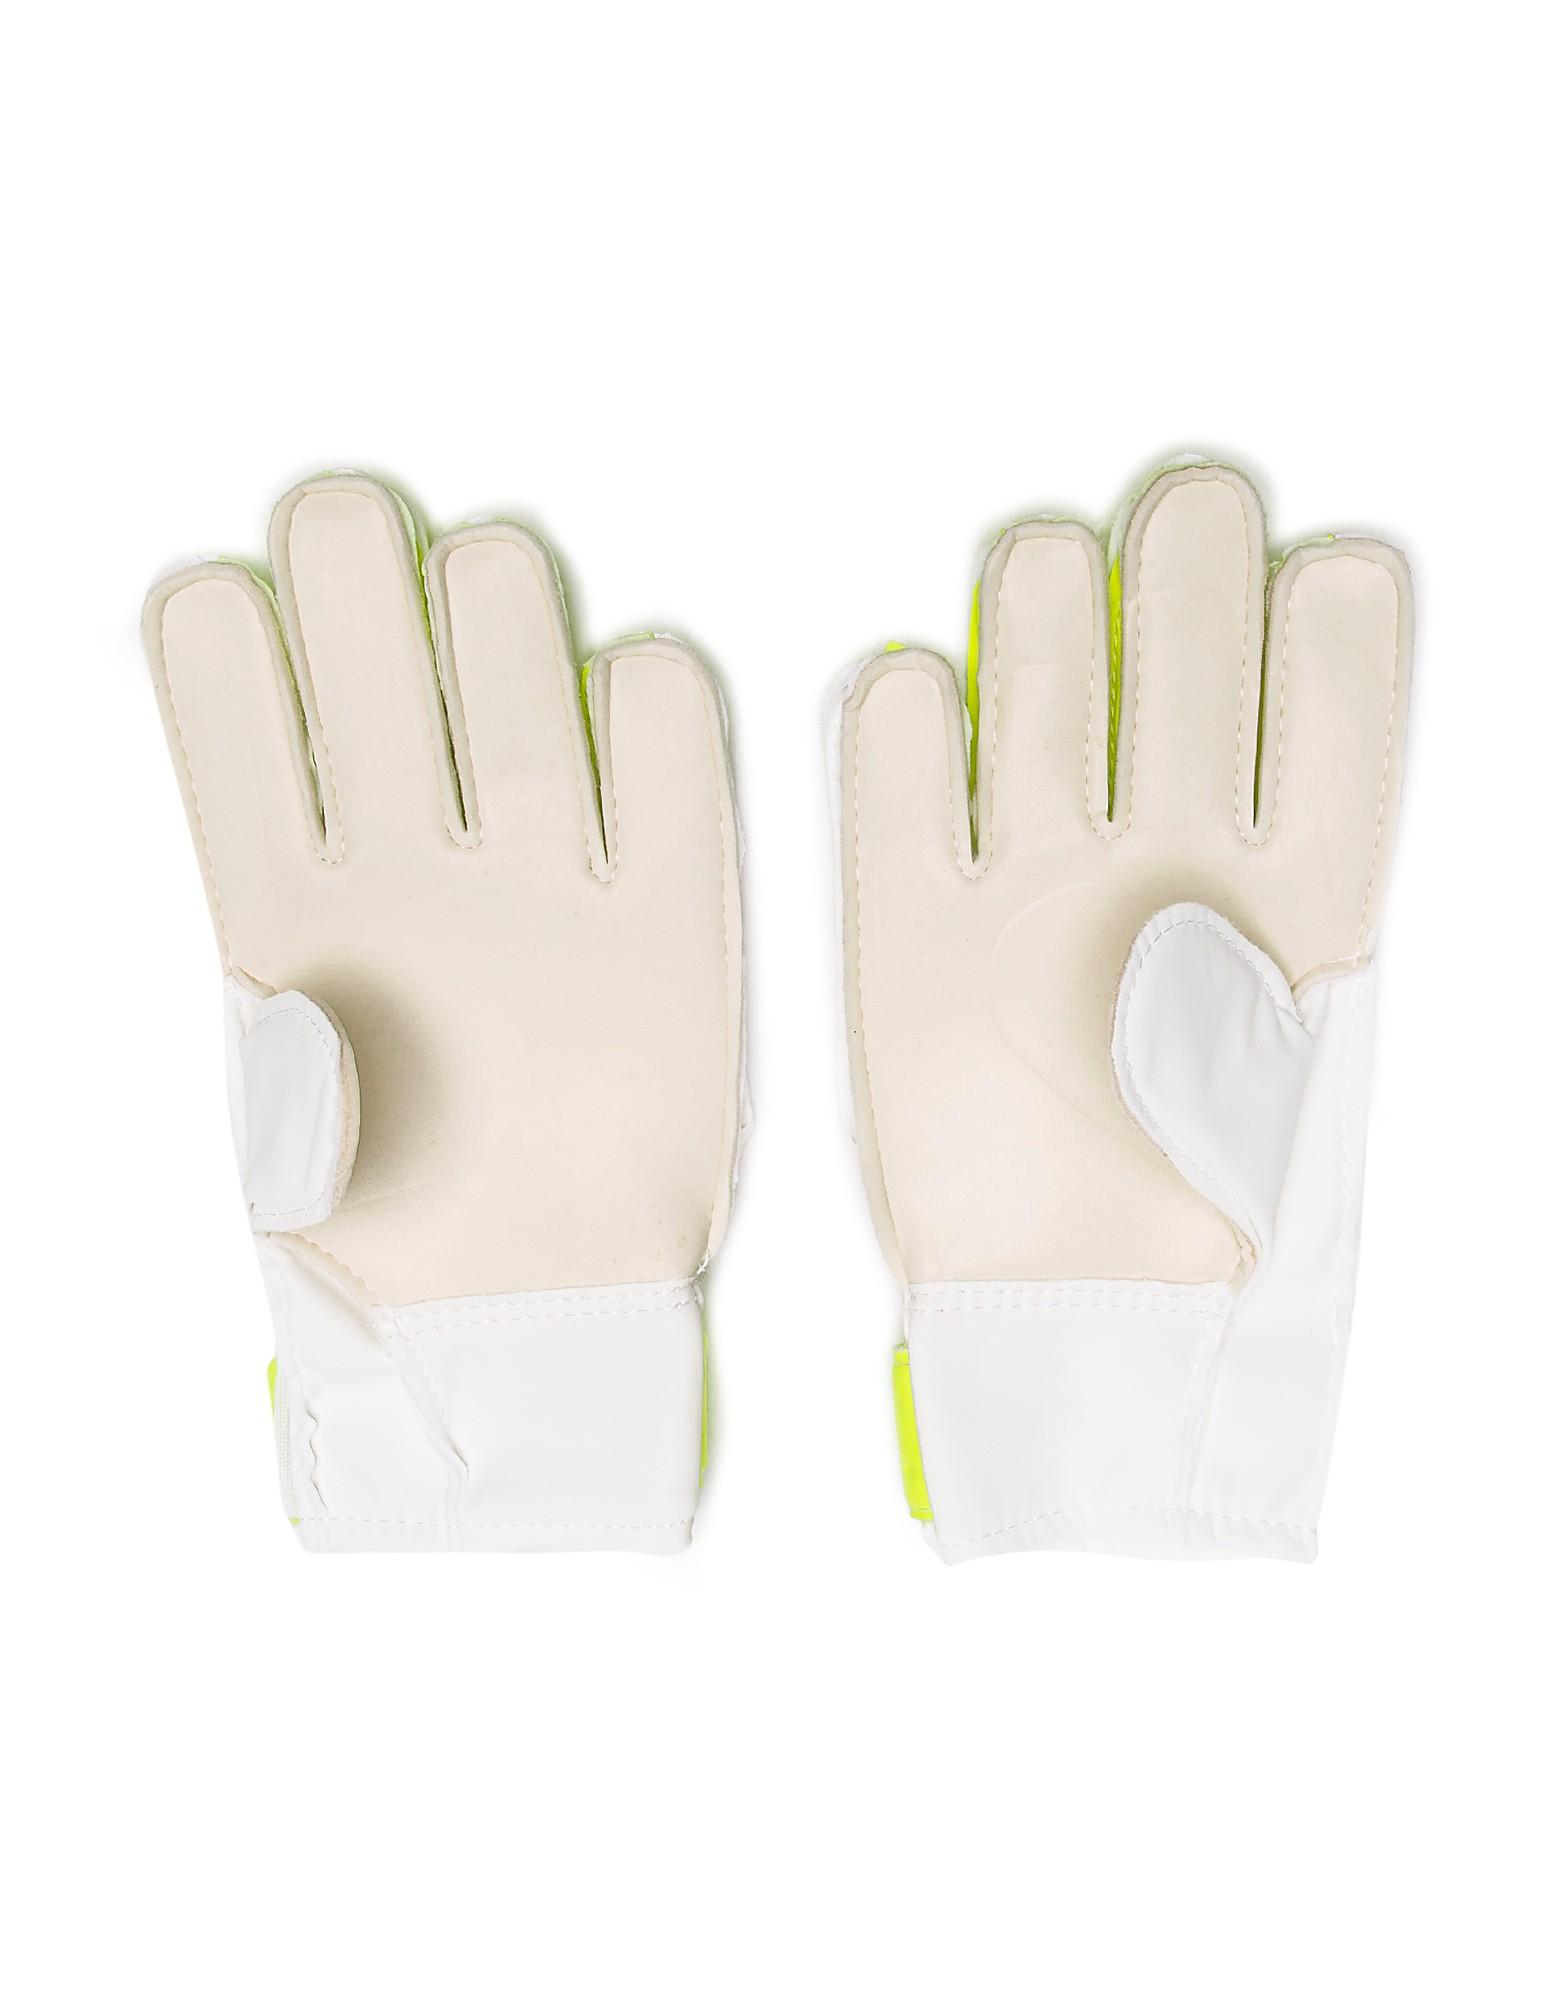 Nike Match Goal Keeper Gloves